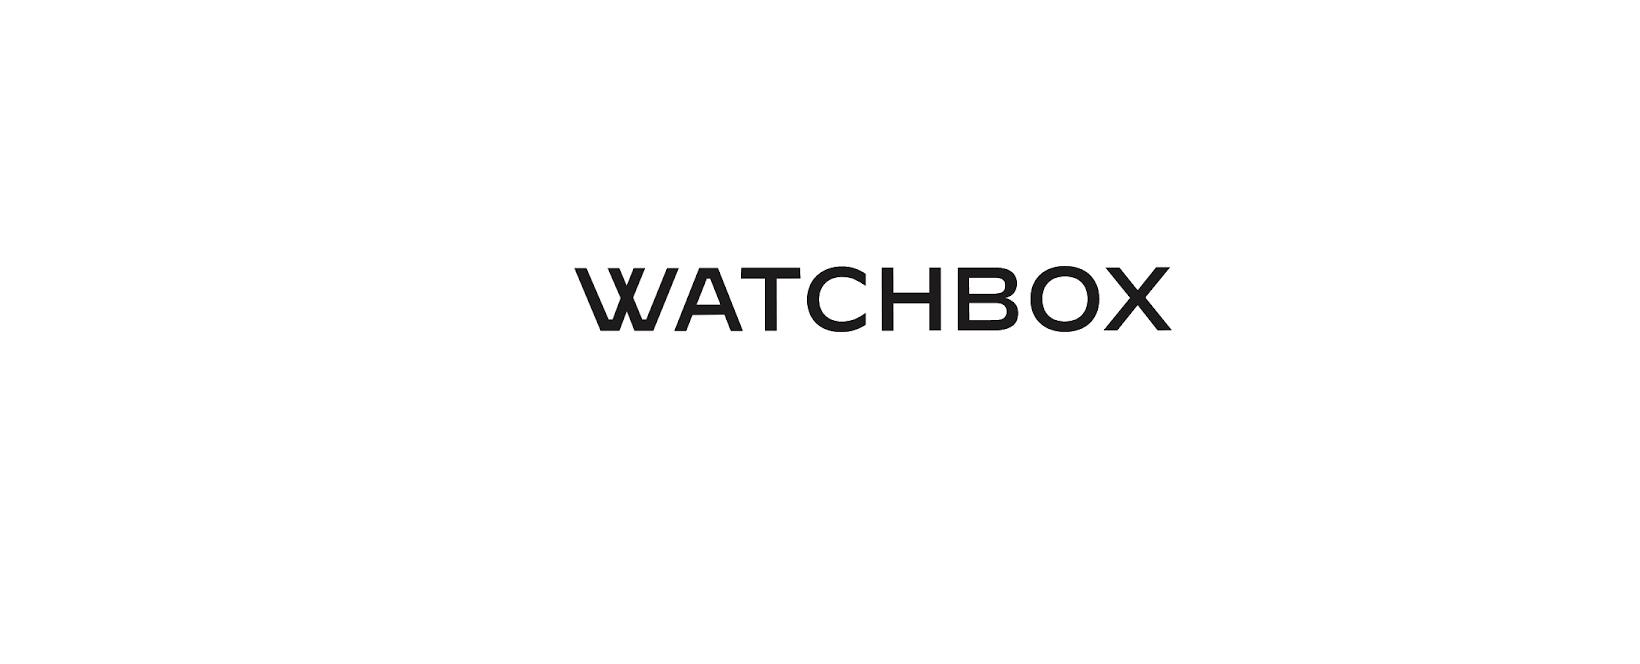 WatchBox Discount Code 2021